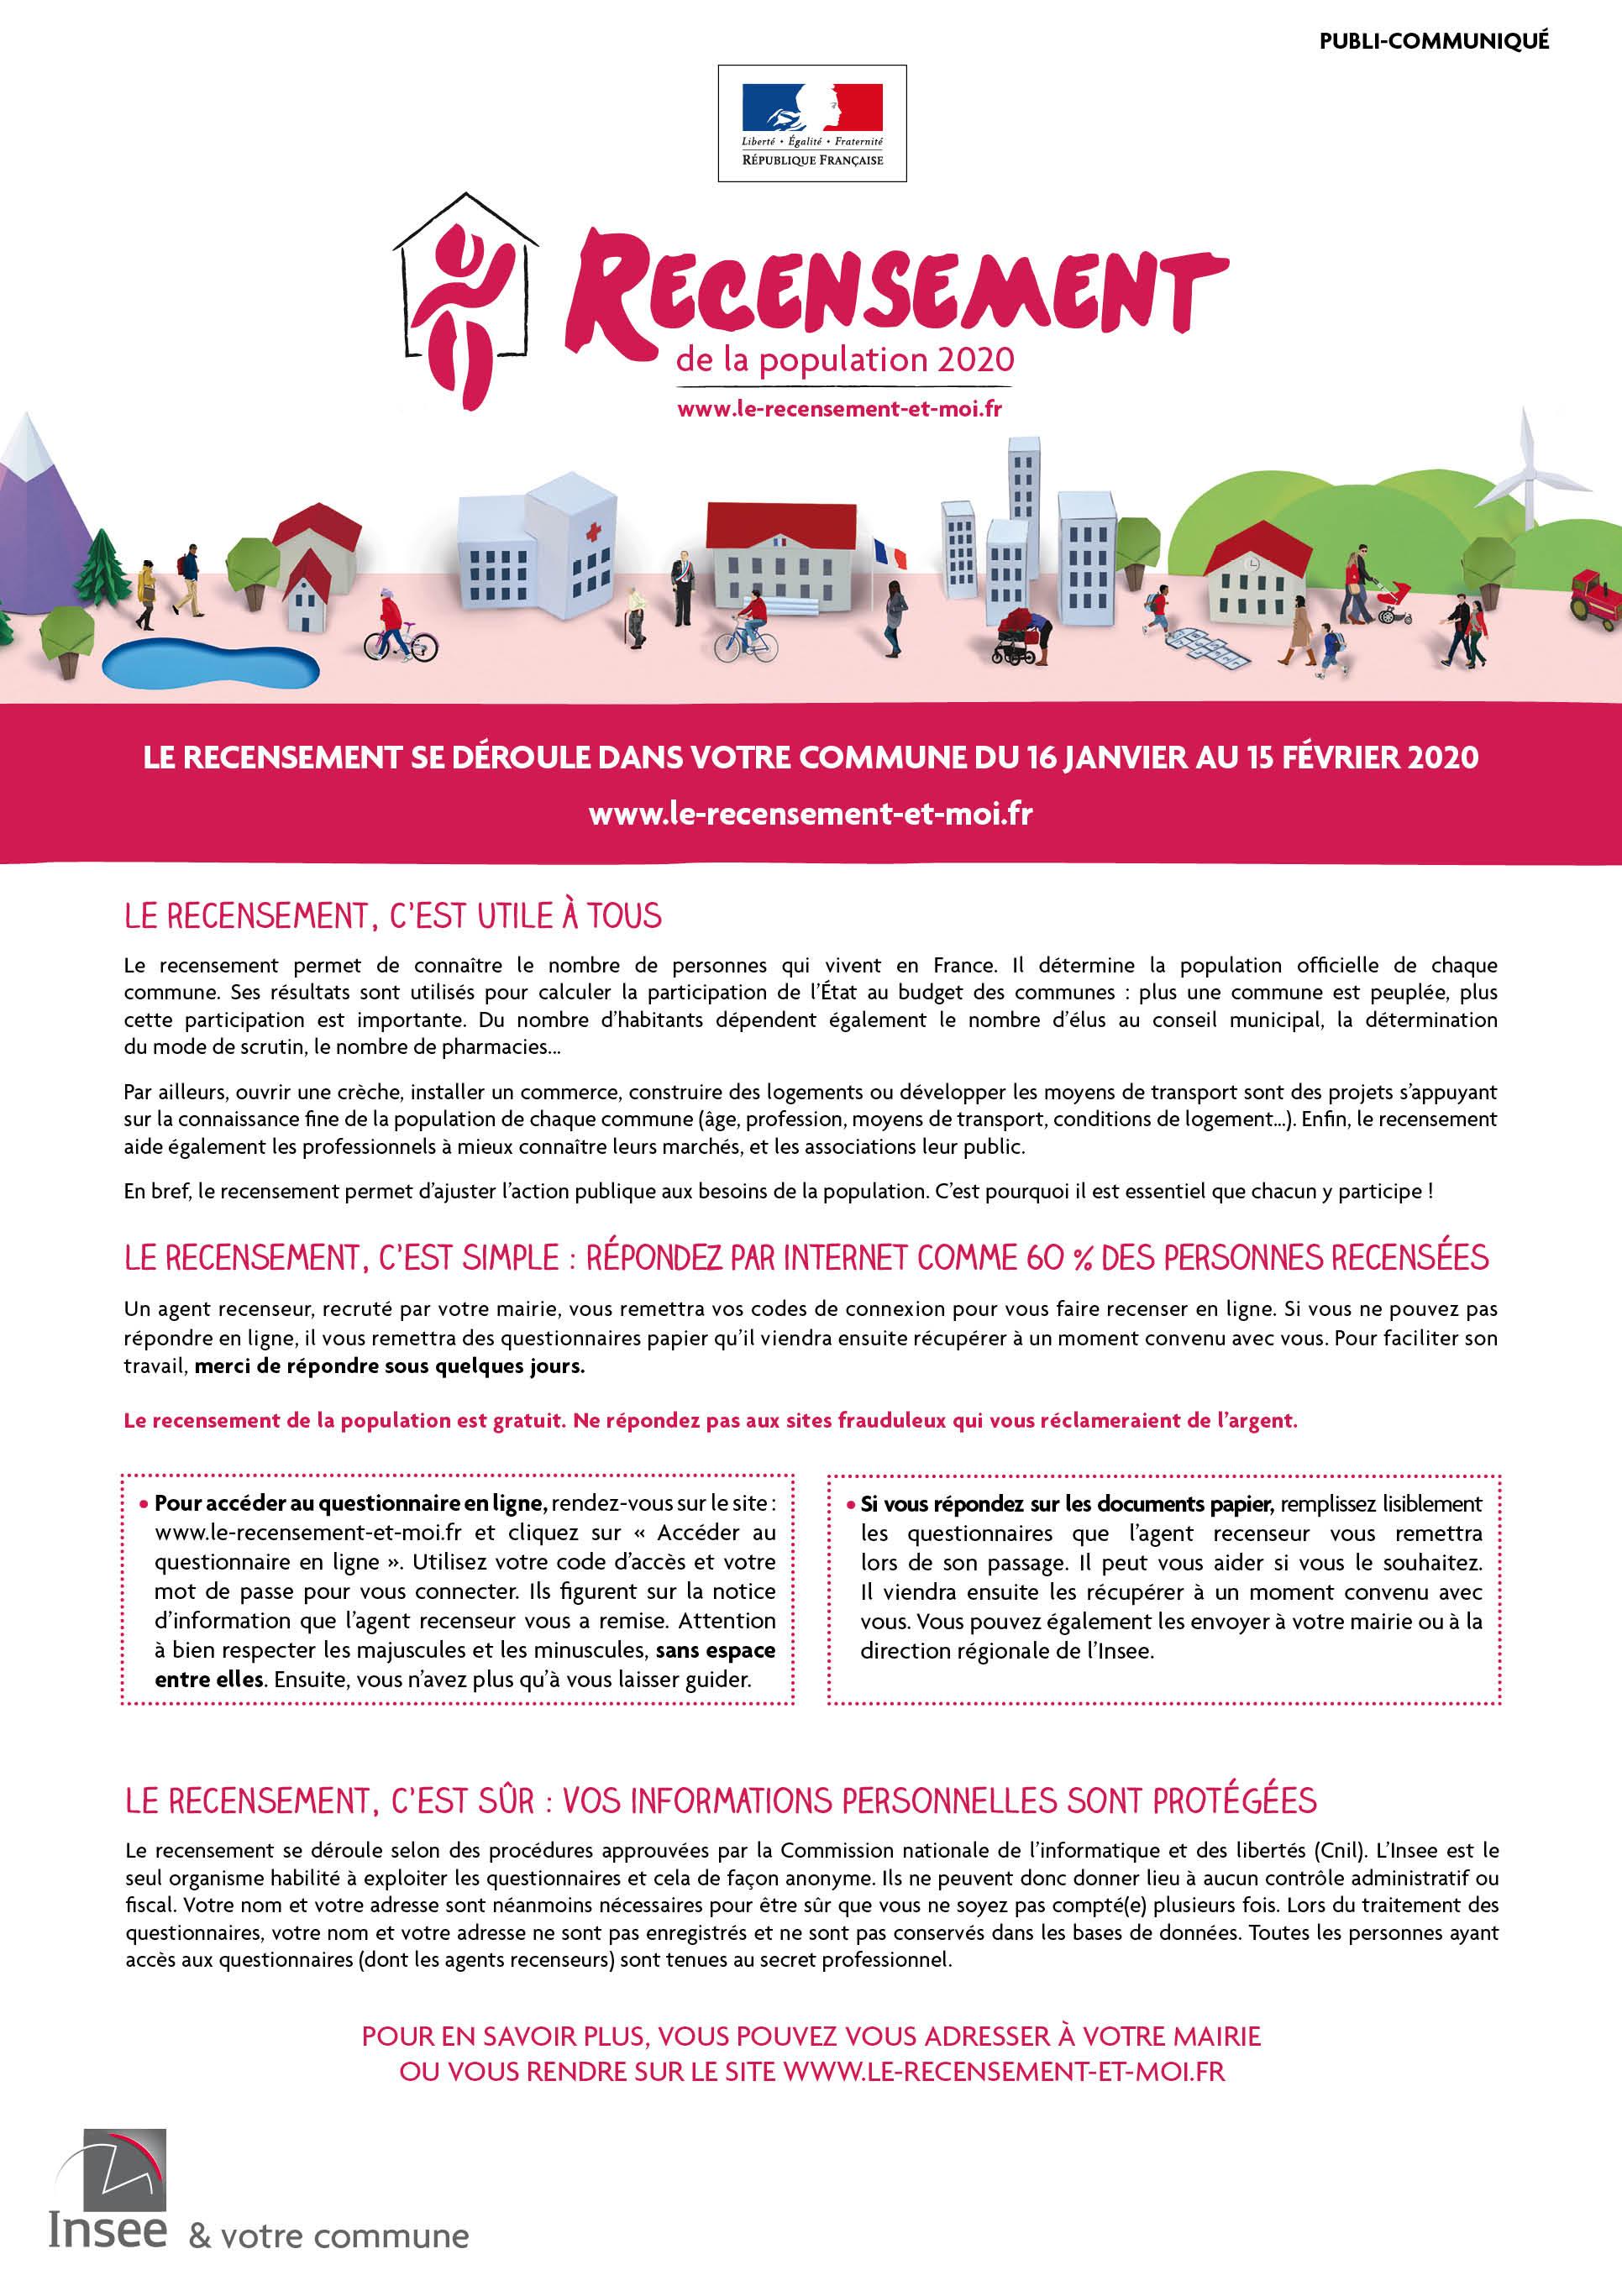 PublicommuniquePCMAG2020_web.jpg